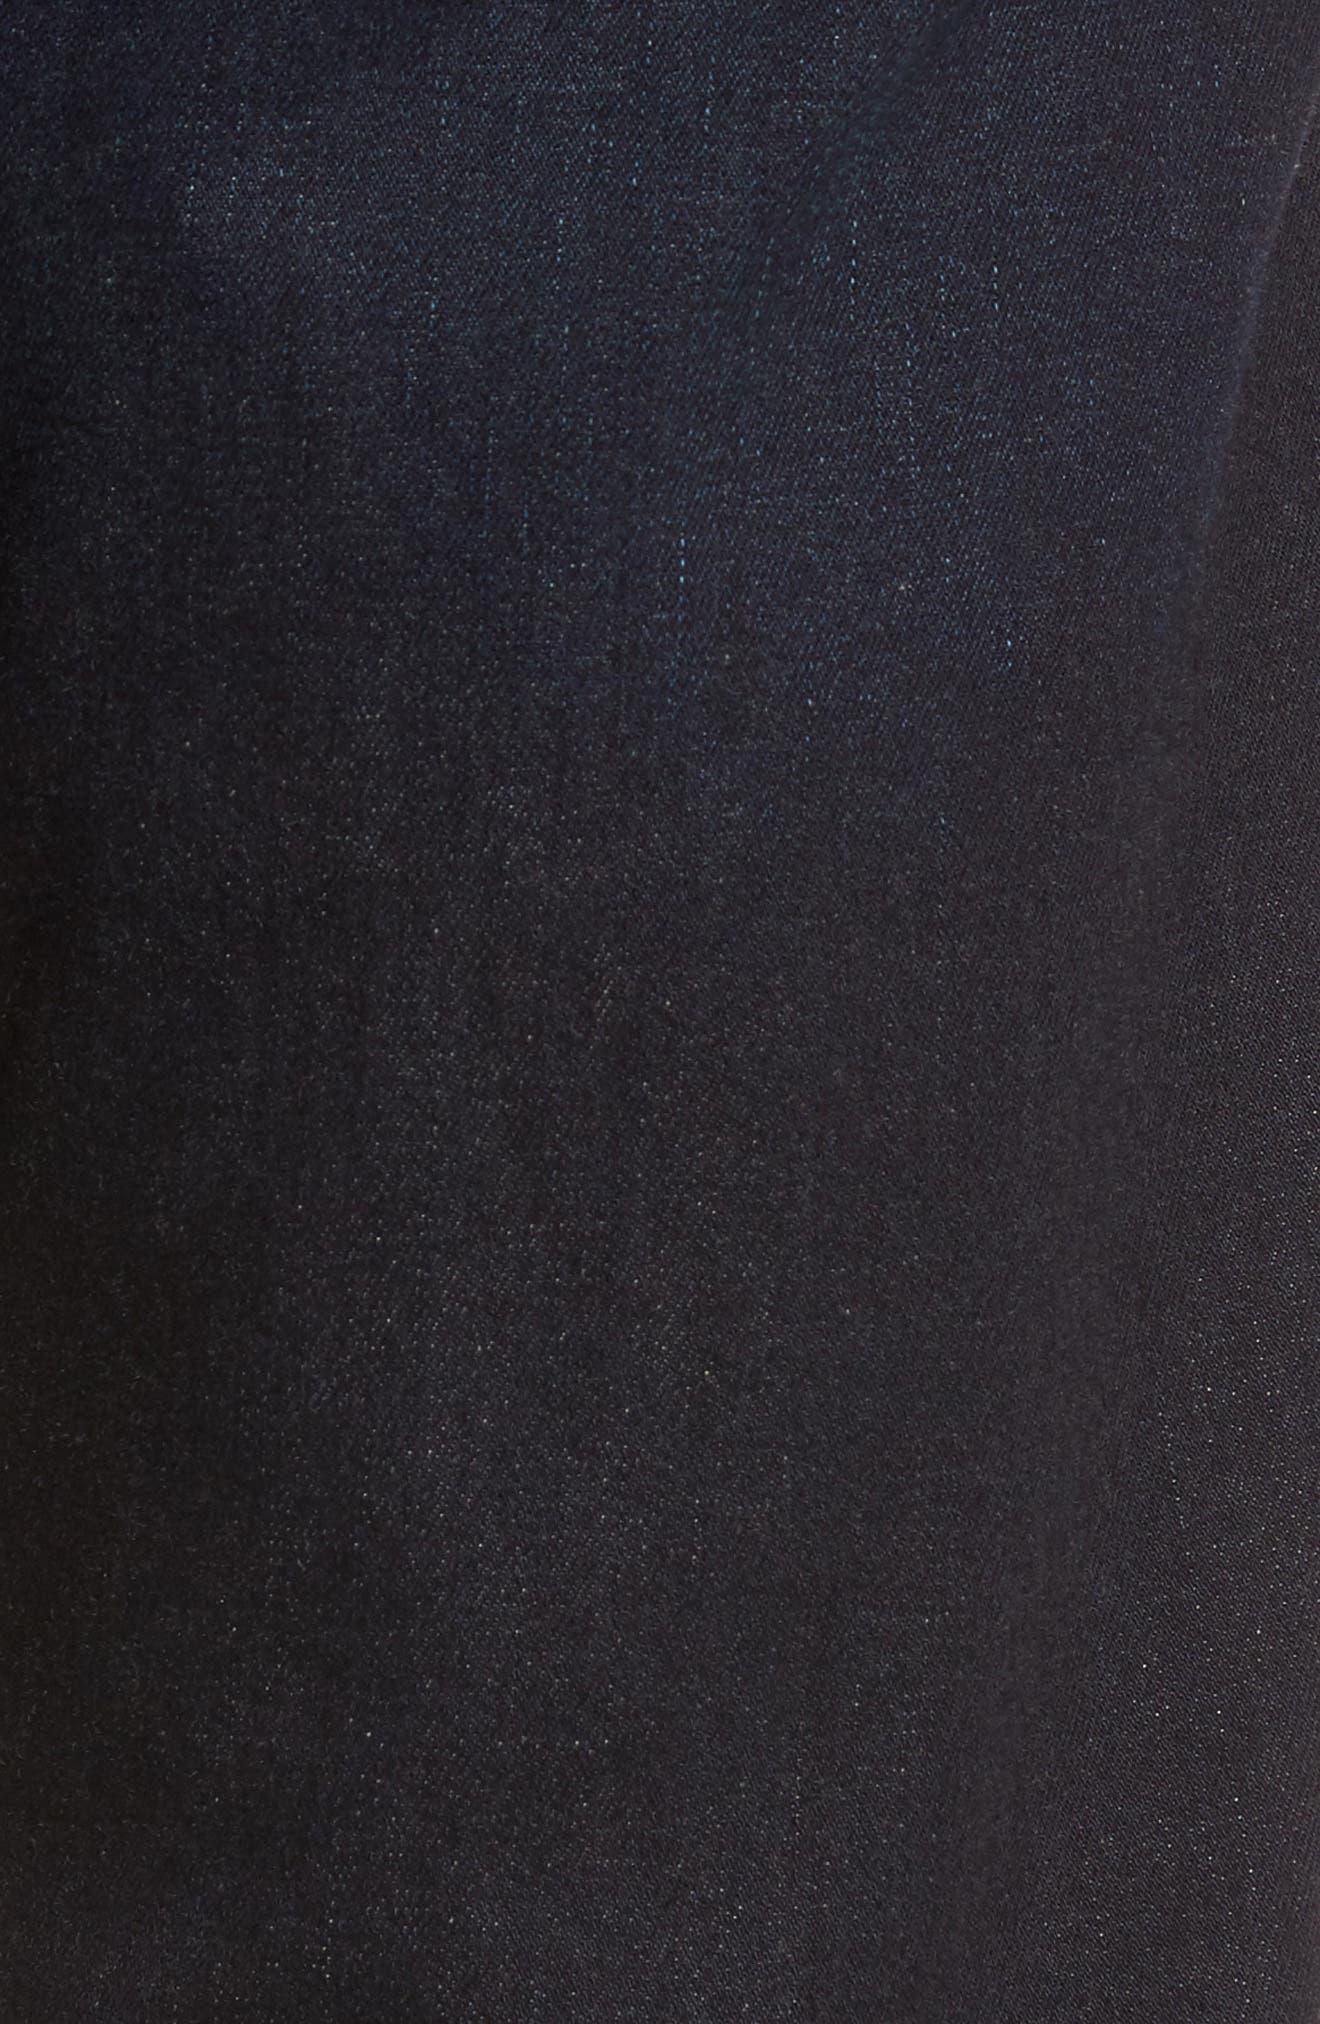 Russell Slim Straight Leg Jeans,                             Alternate thumbnail 5, color,                             Forte